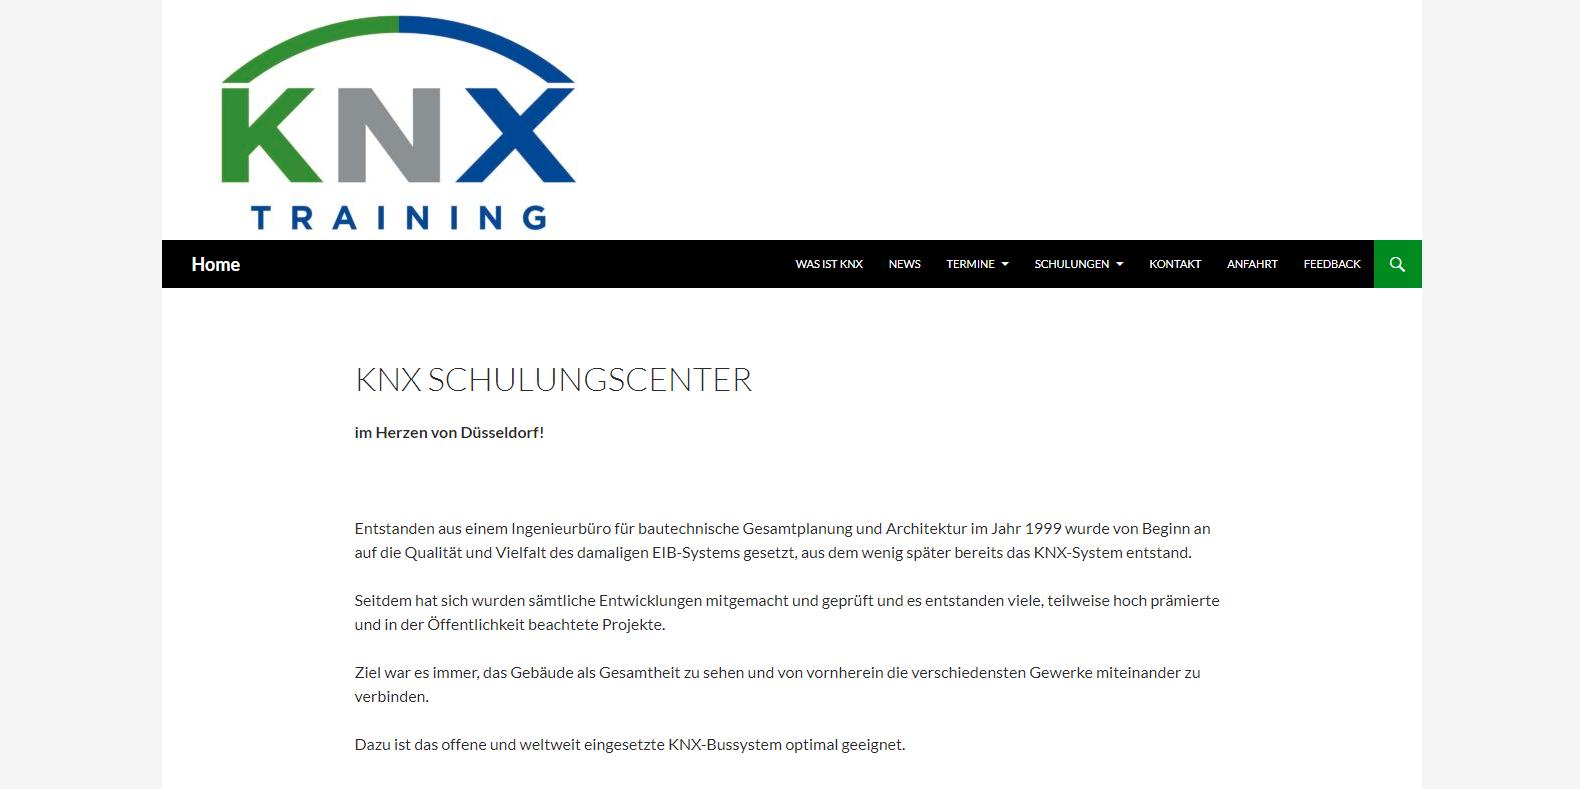 knx-trainingcenter.com